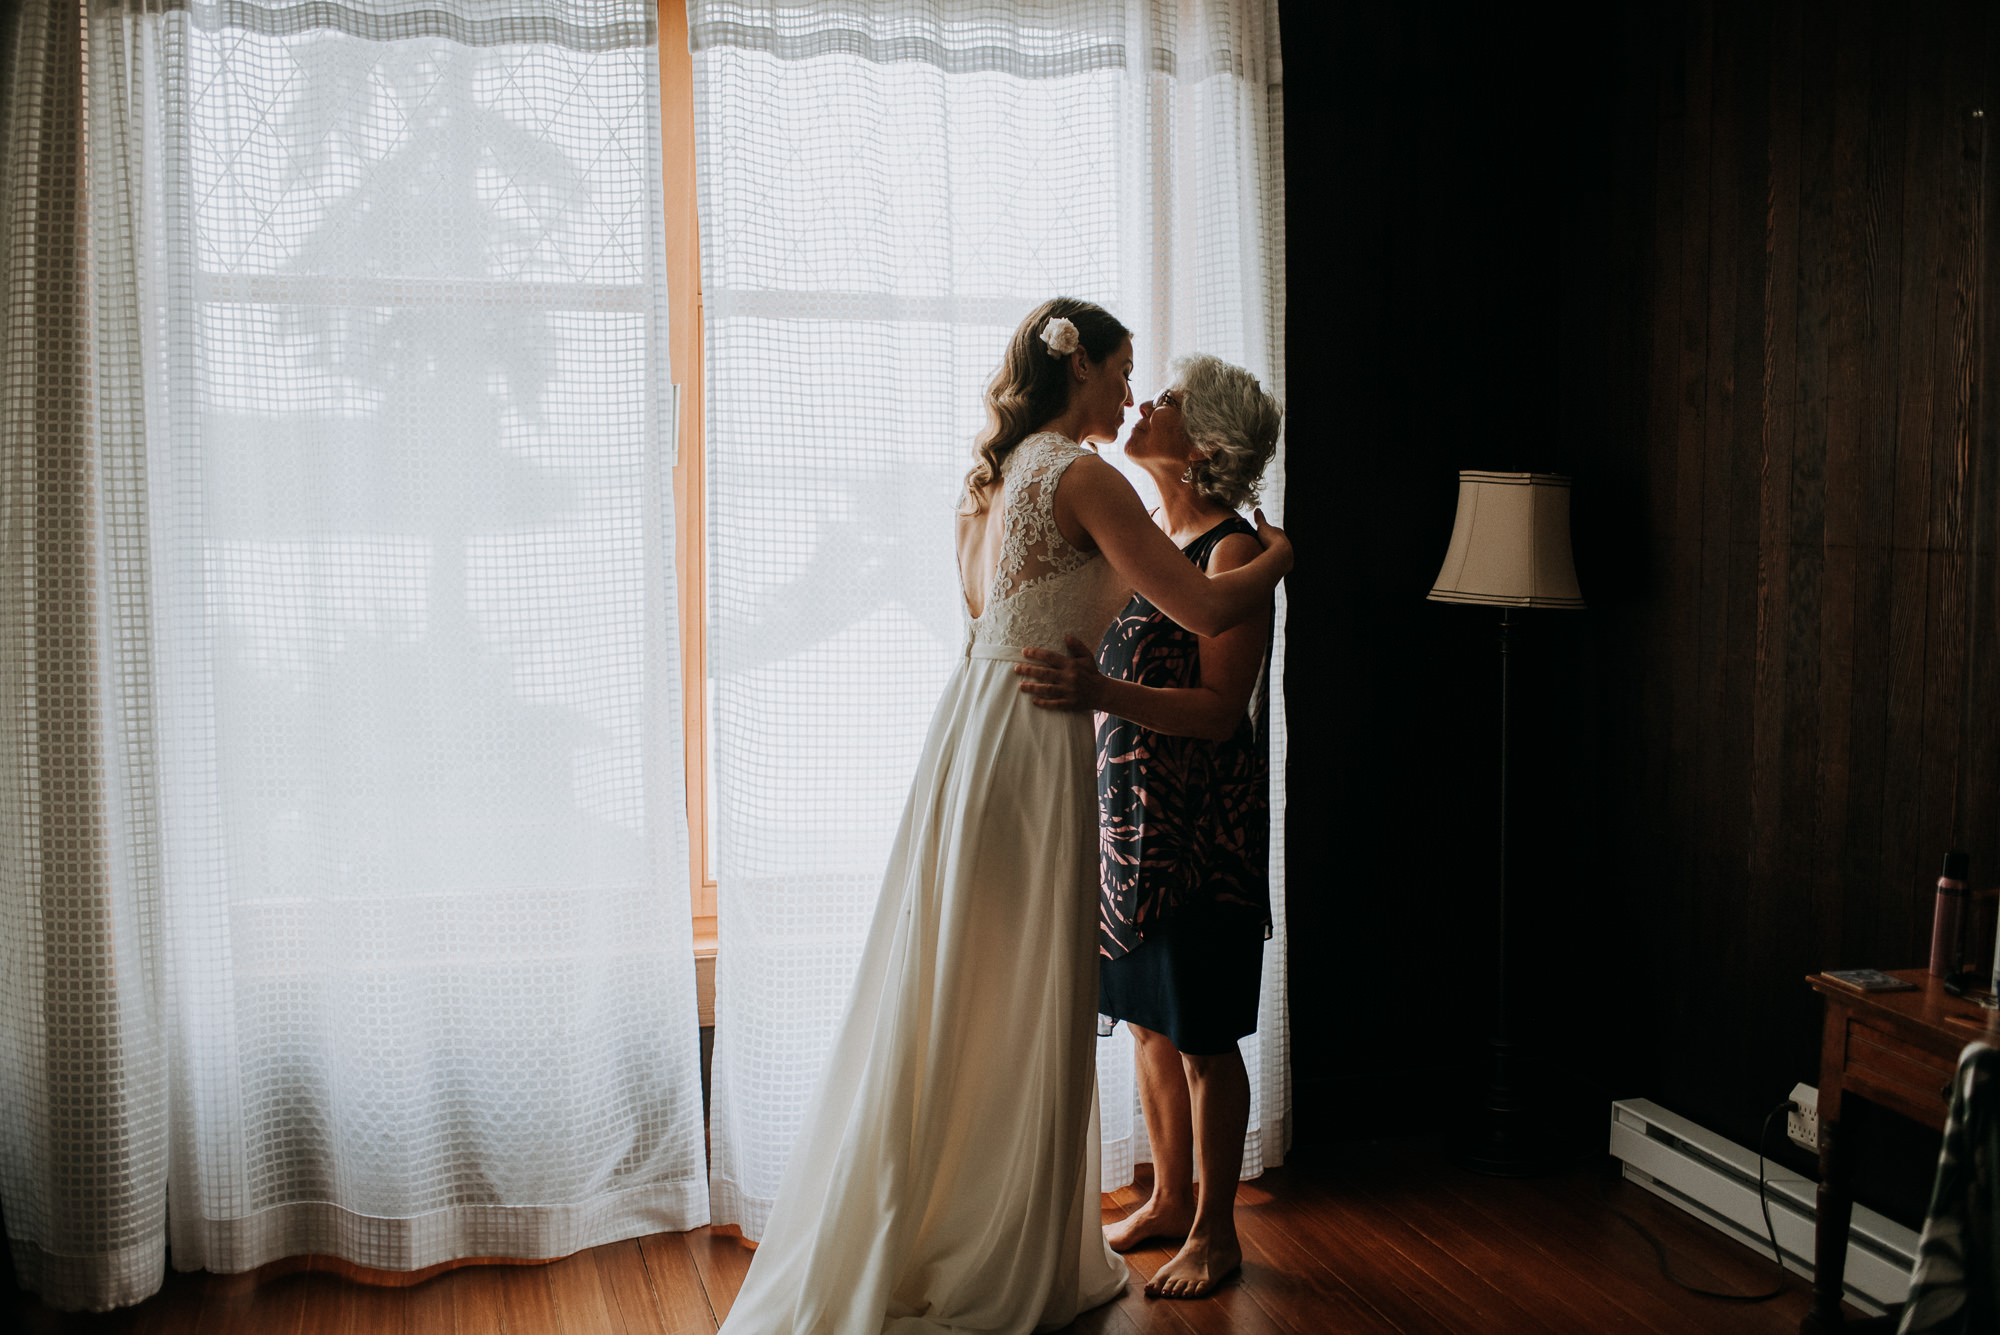 43-overbury-resort-thetis-island-wedding-jan-ian-6892.jpg